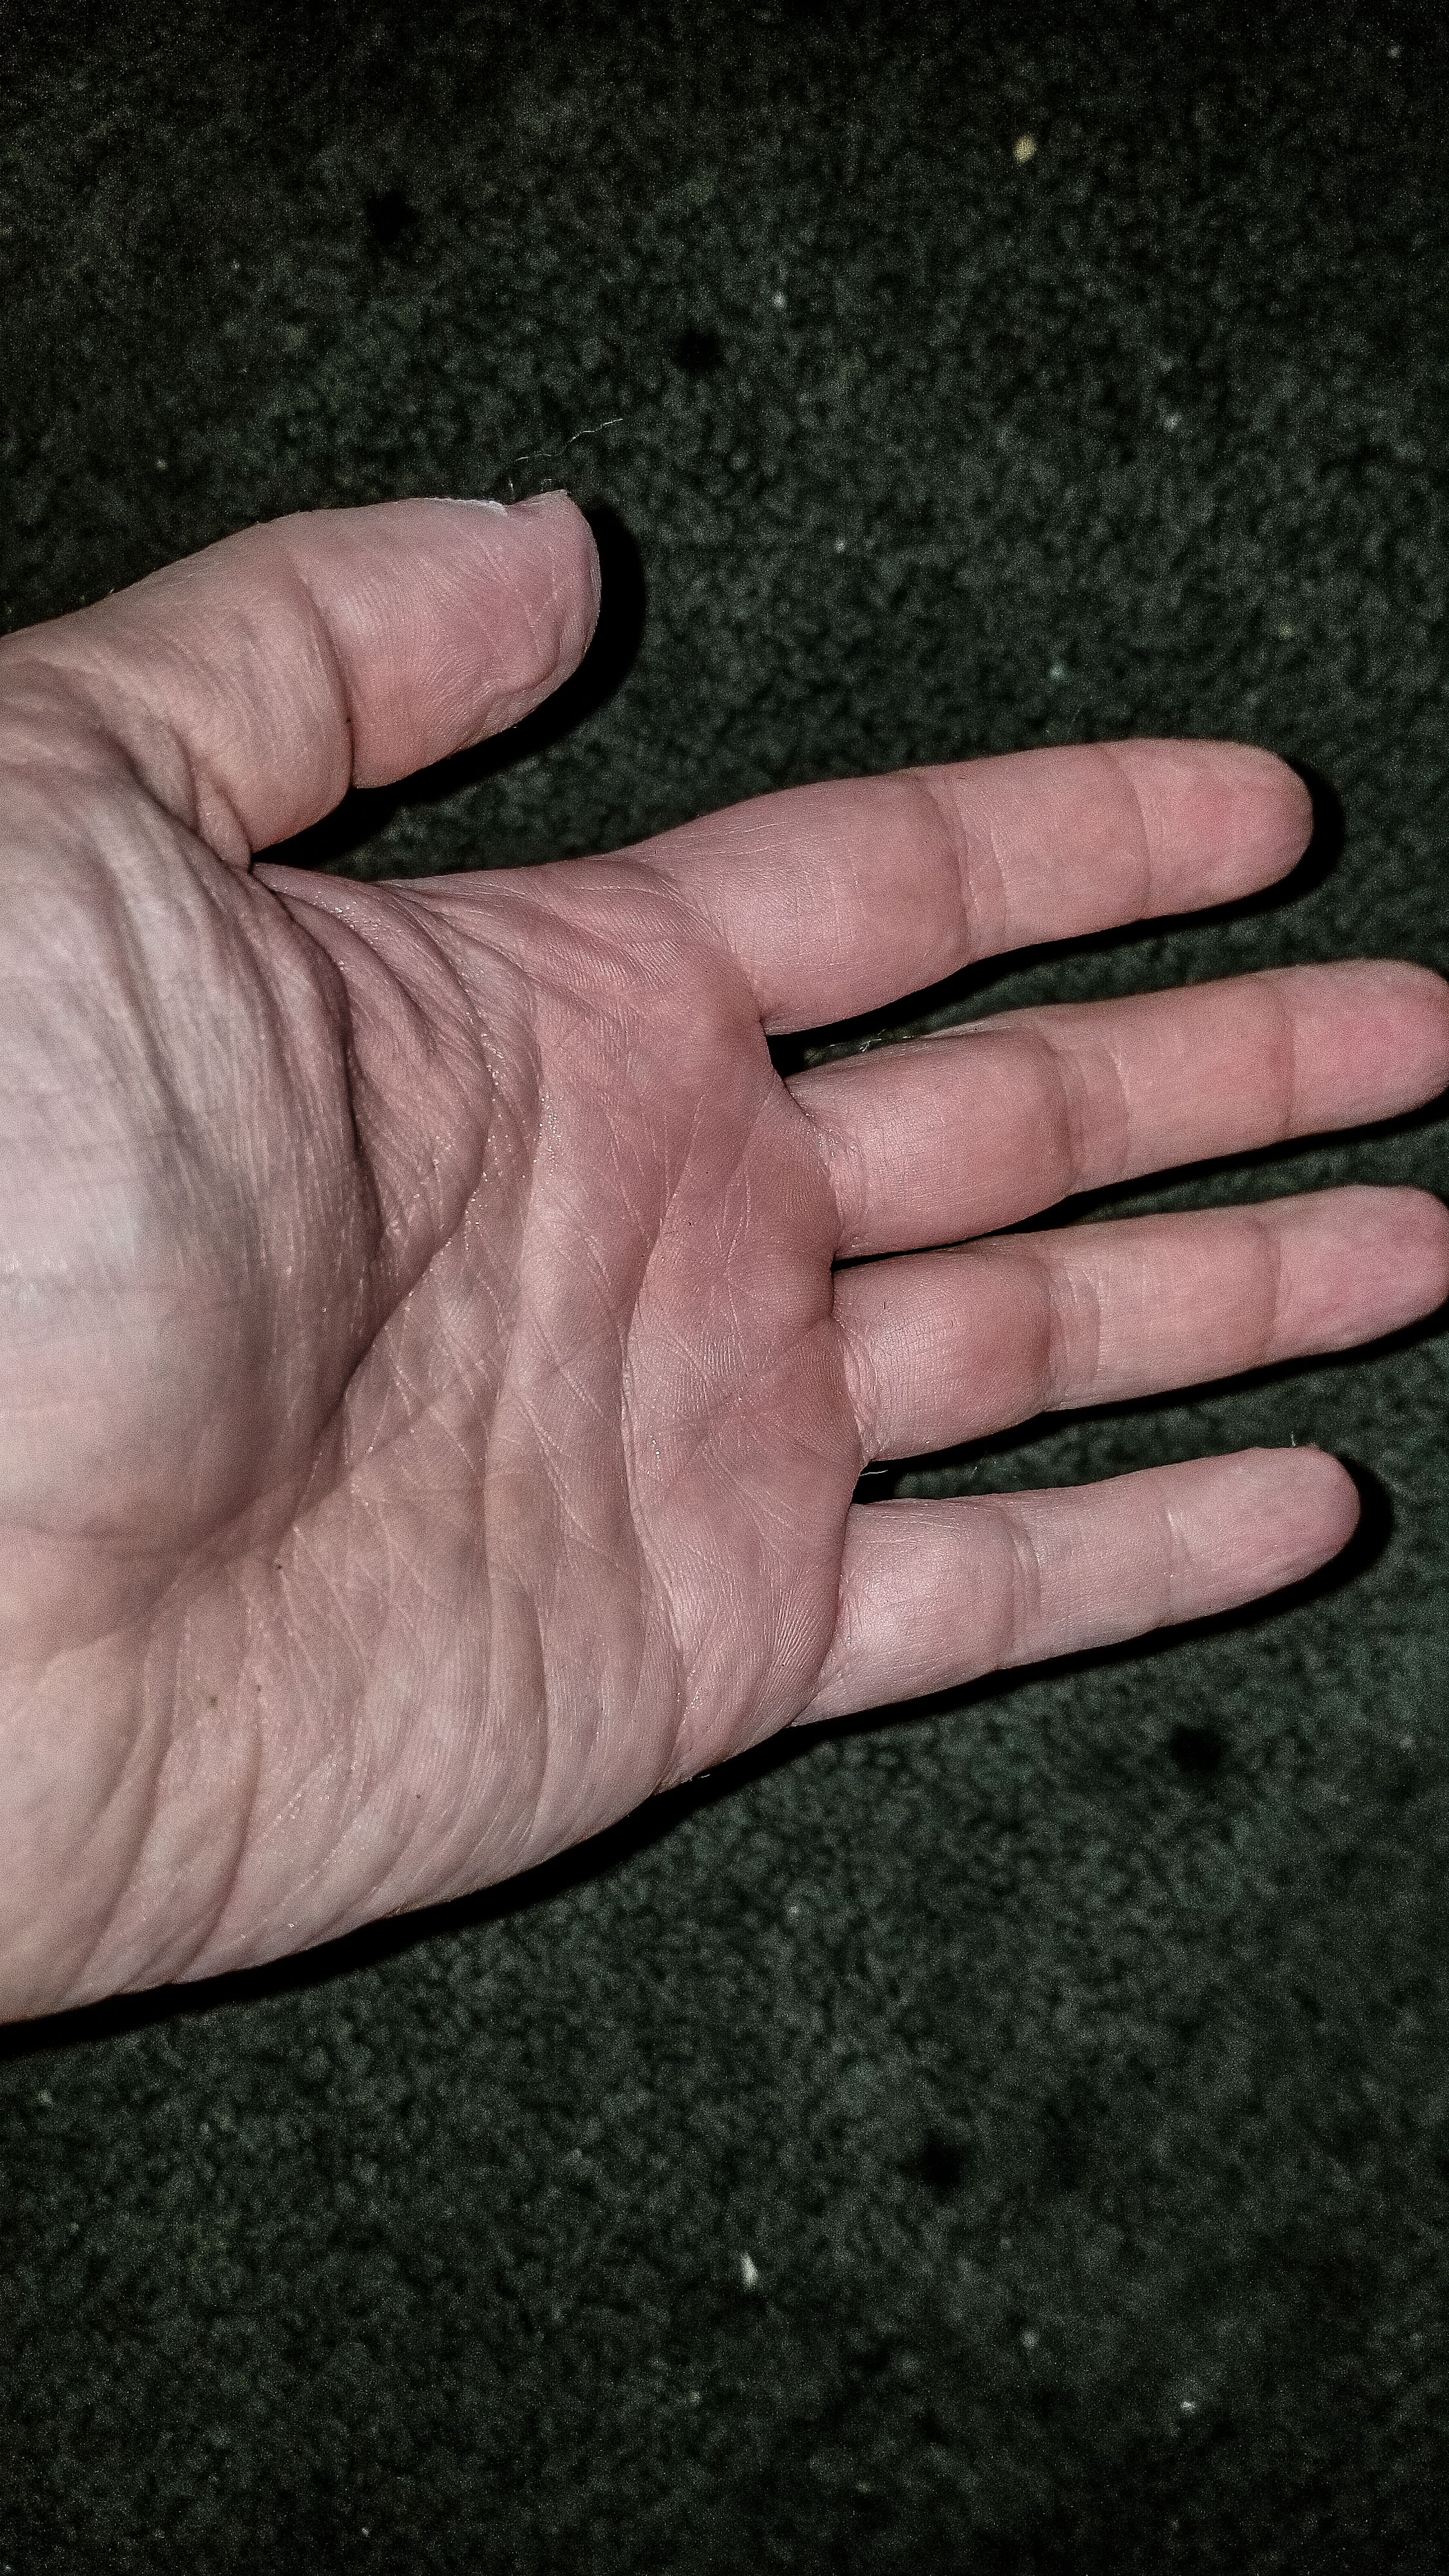 T stirmi Mindy unbitten hand 1.jpg